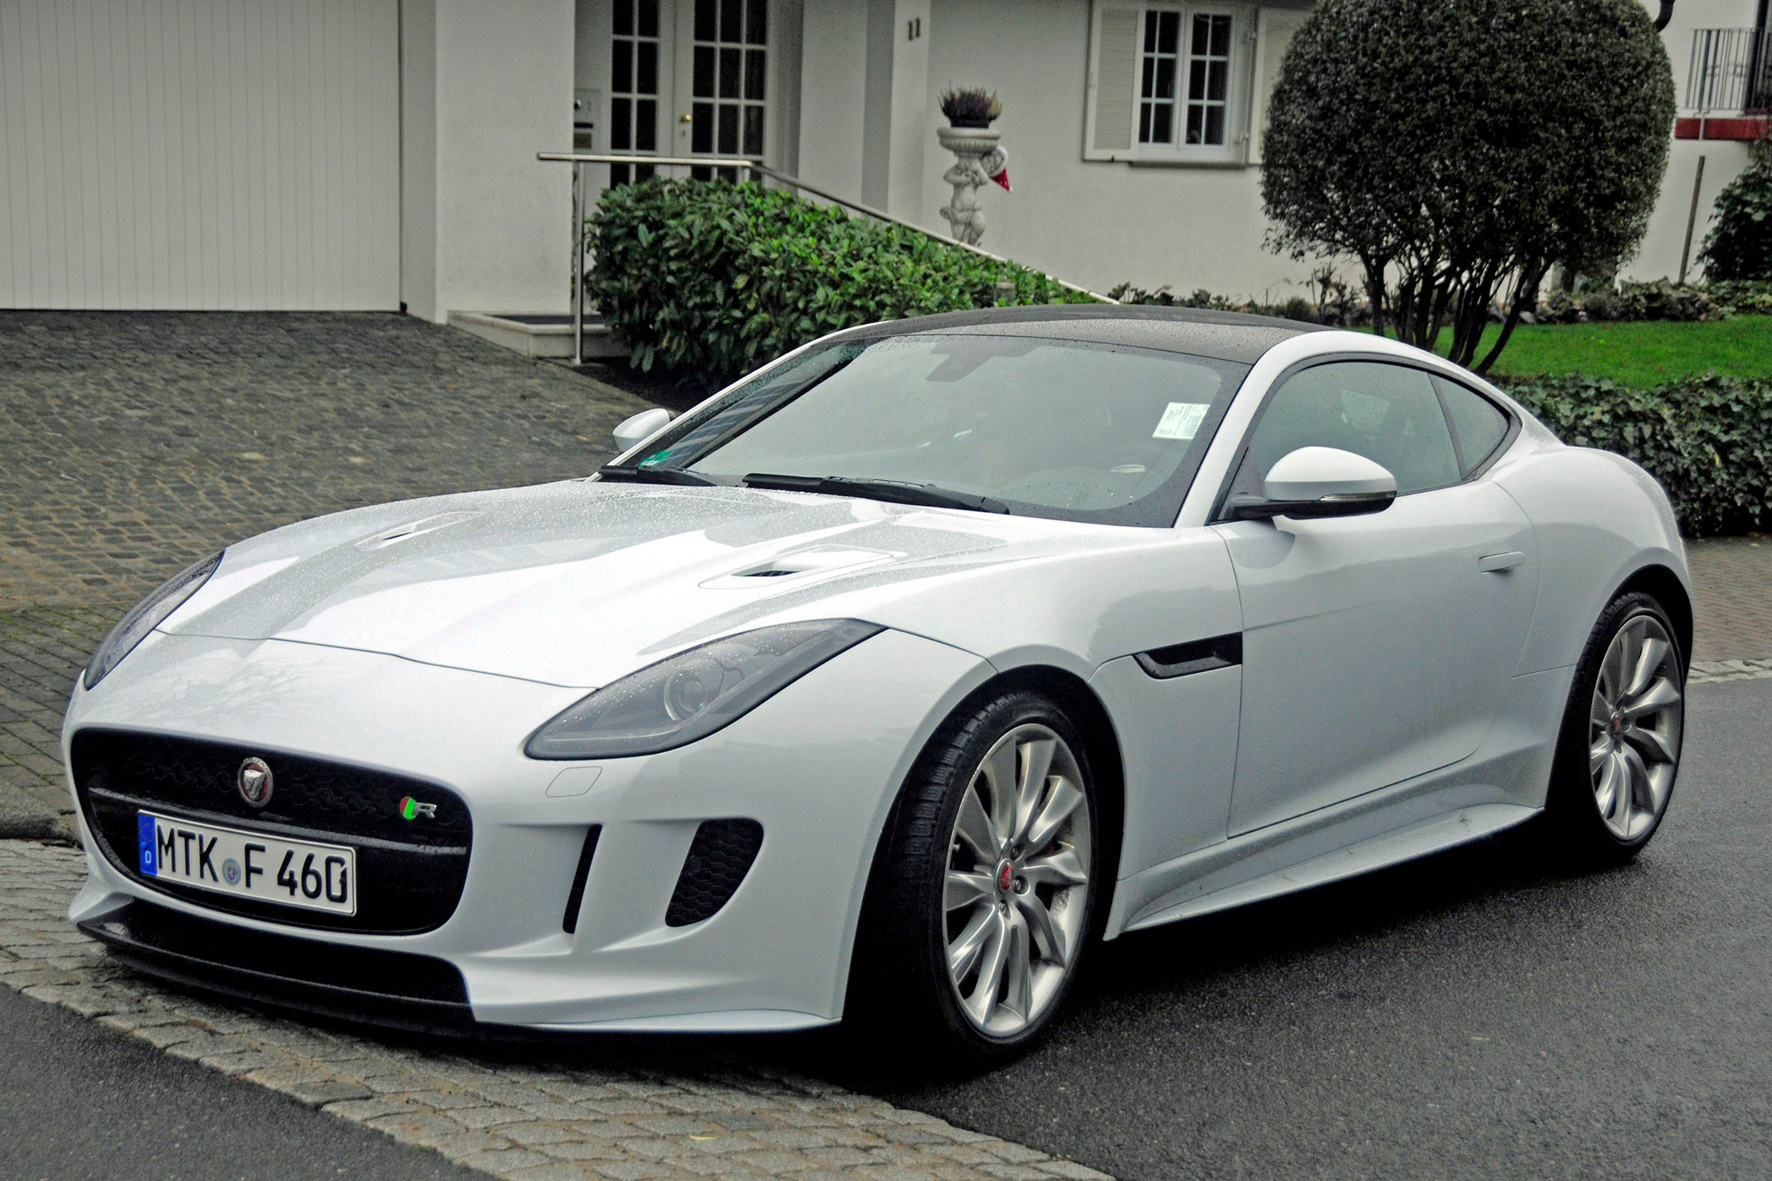 mid Groß-Gerau - Reinrassiger Sportler im eleganten Gewand: Die Top-Variante des Jaguar F-Type mit 550 PS und Allradantrieb ist trotz immenser Leistungsreserven jederzeit gut kontrollierbar.